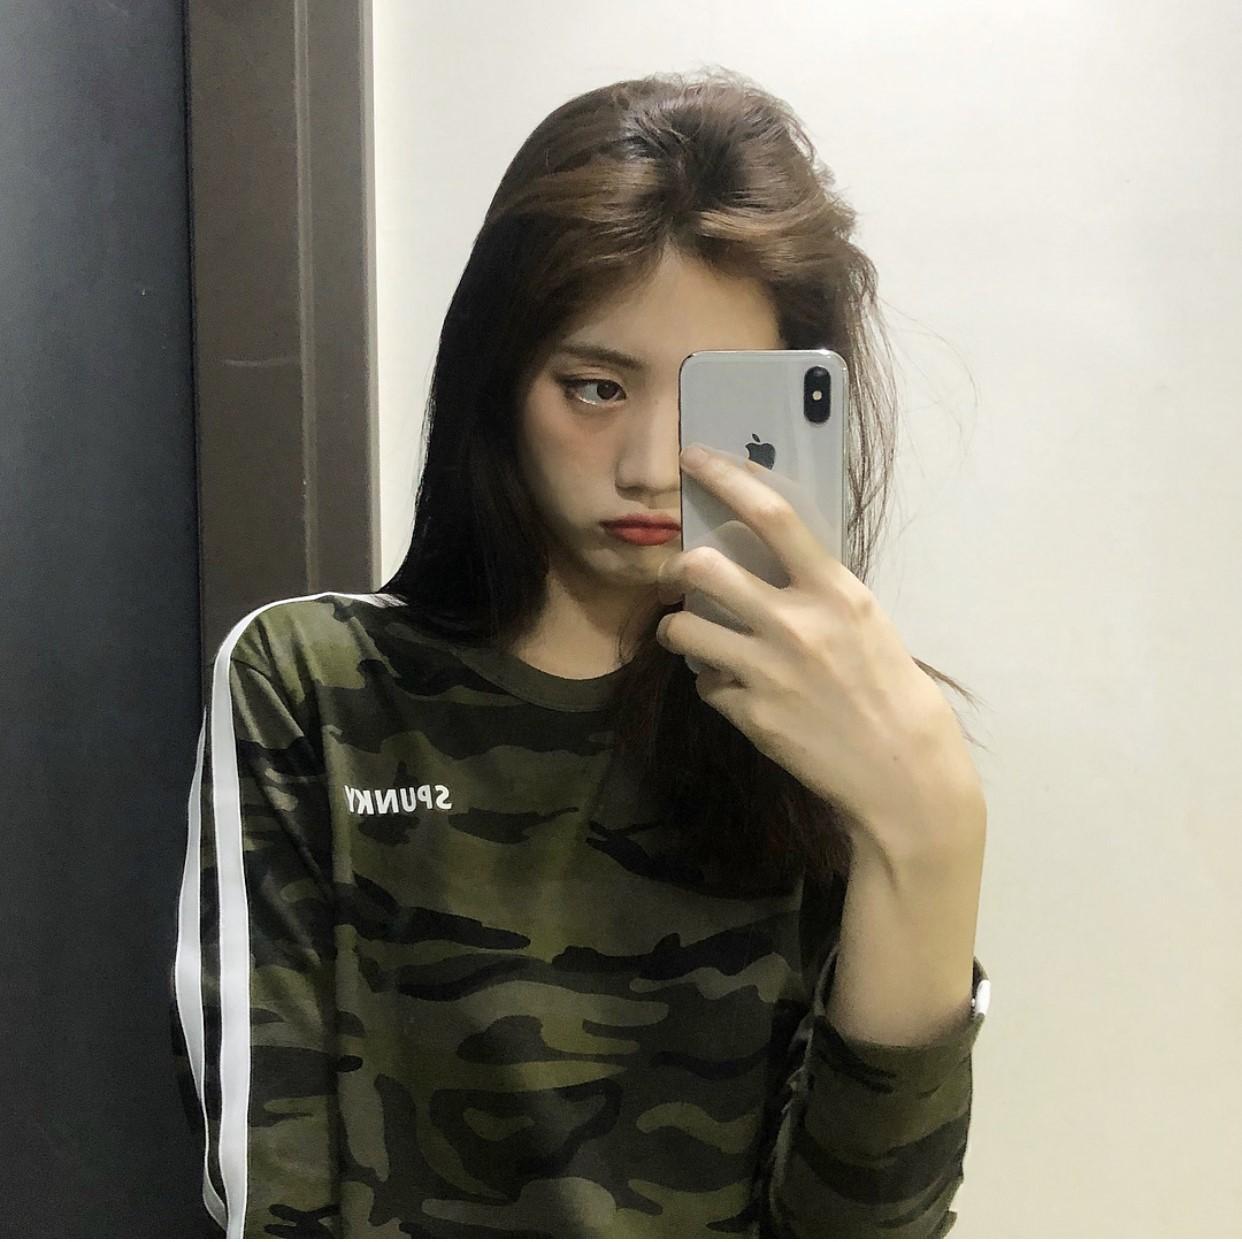 2019初秋韩国潮牌SPUNKY迷彩长袖T恤运动风圆领上衣女原宿学院风